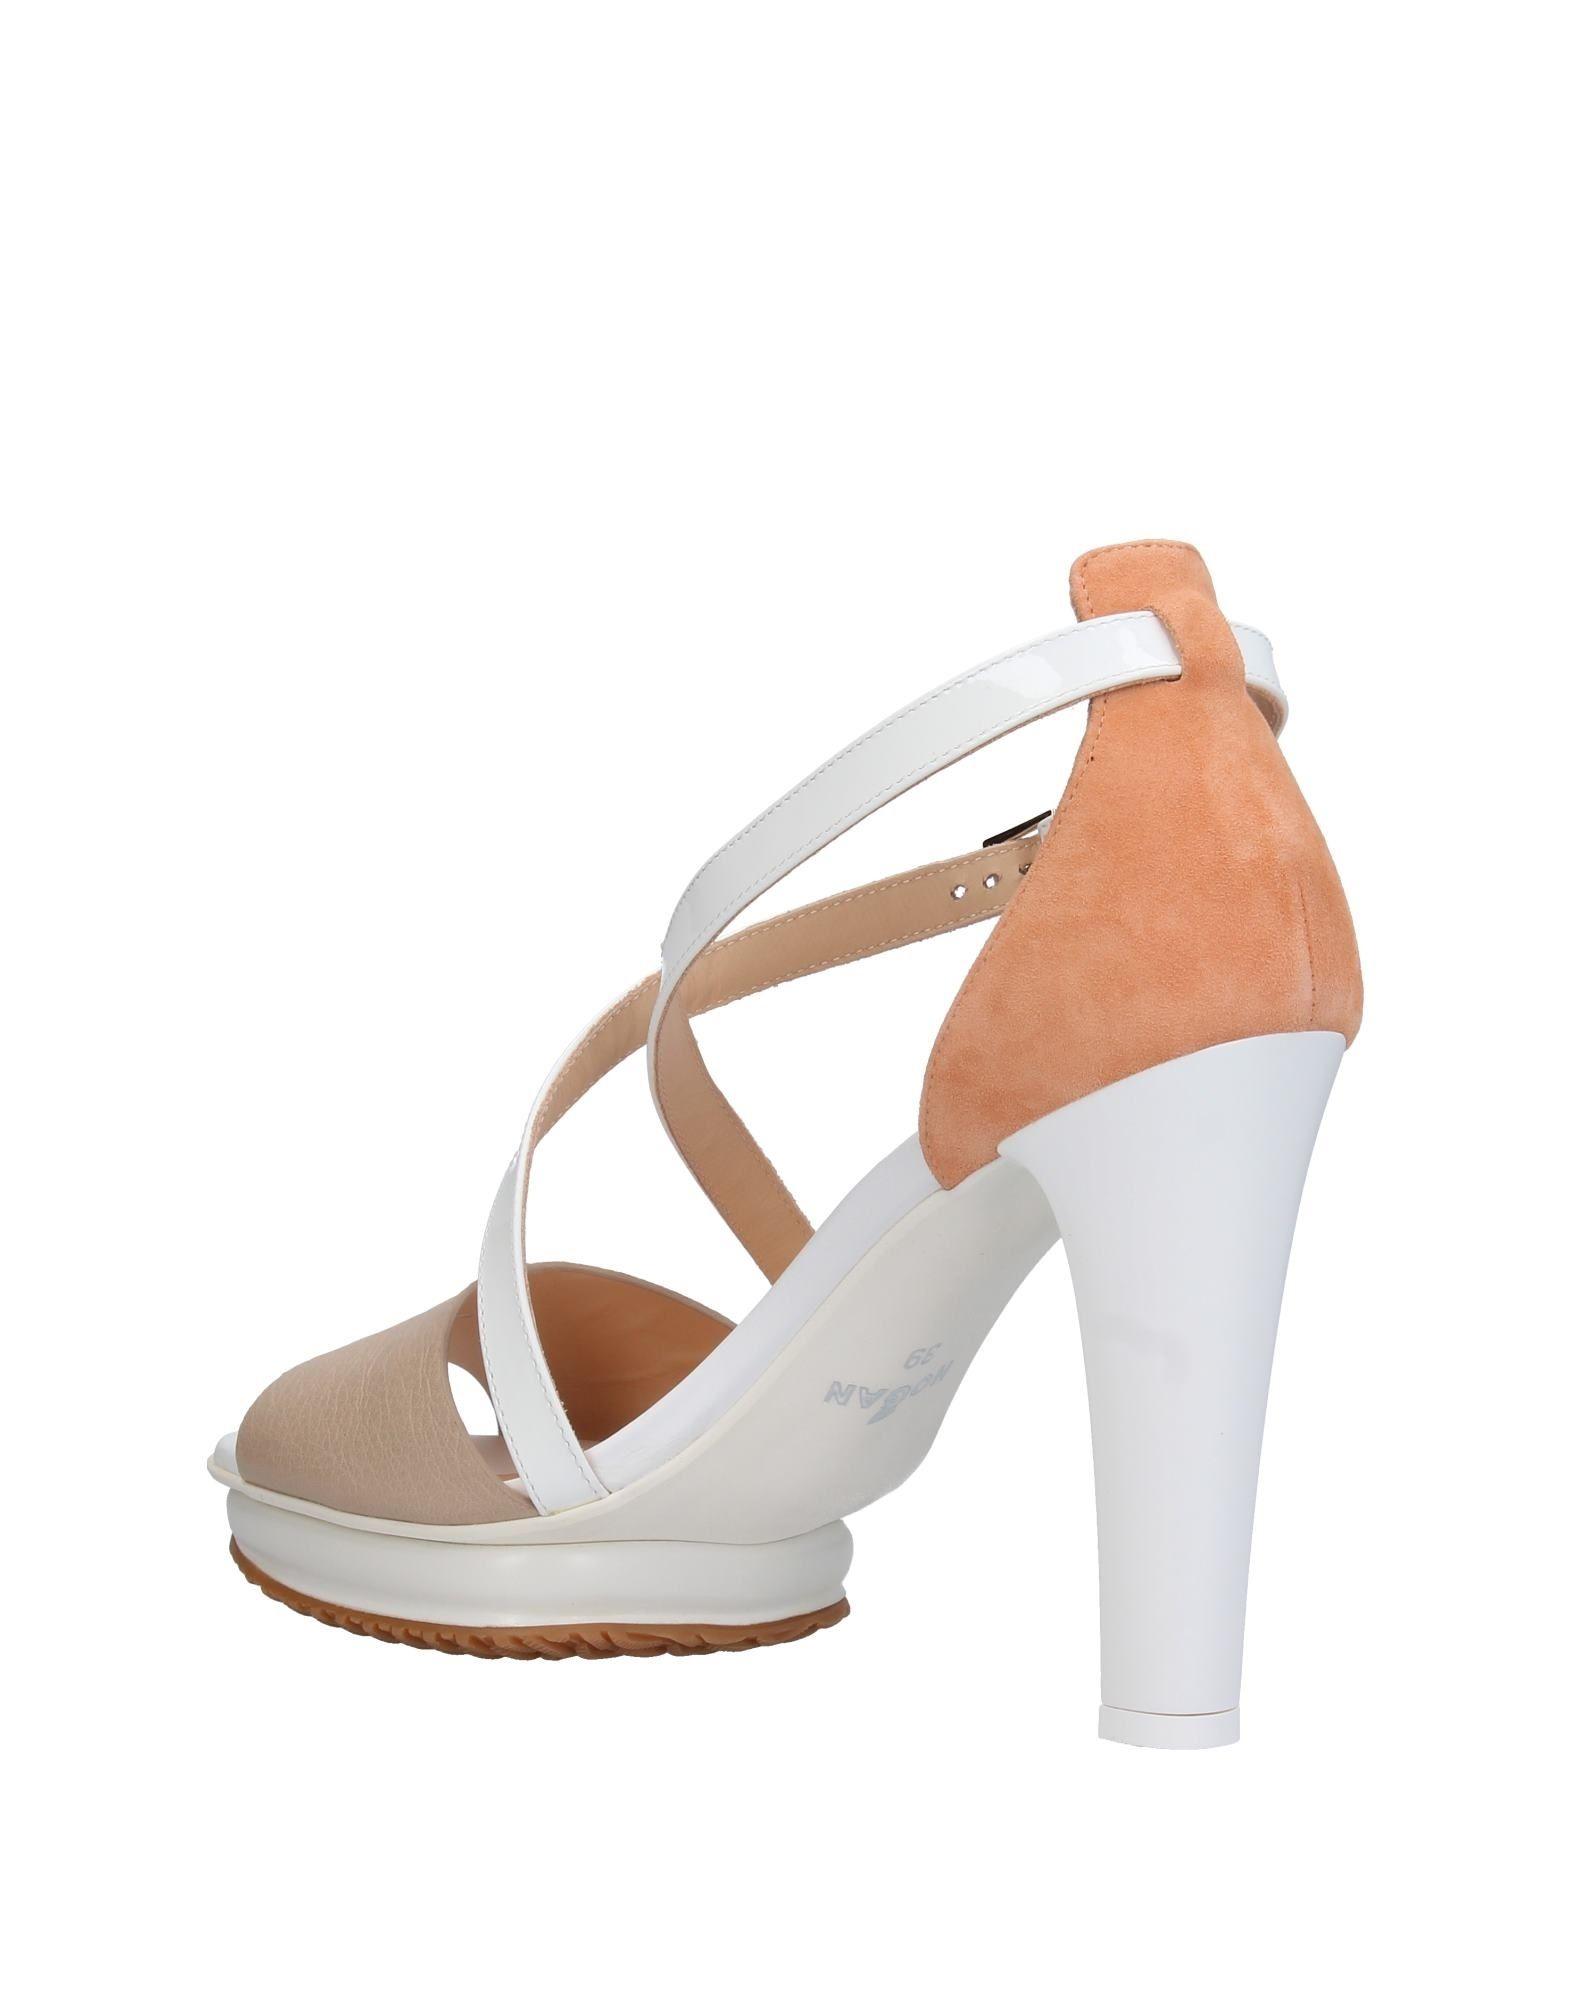 Hogan Damen Sandalen Damen Hogan  11365392PH Heiße Schuhe 7e69b9